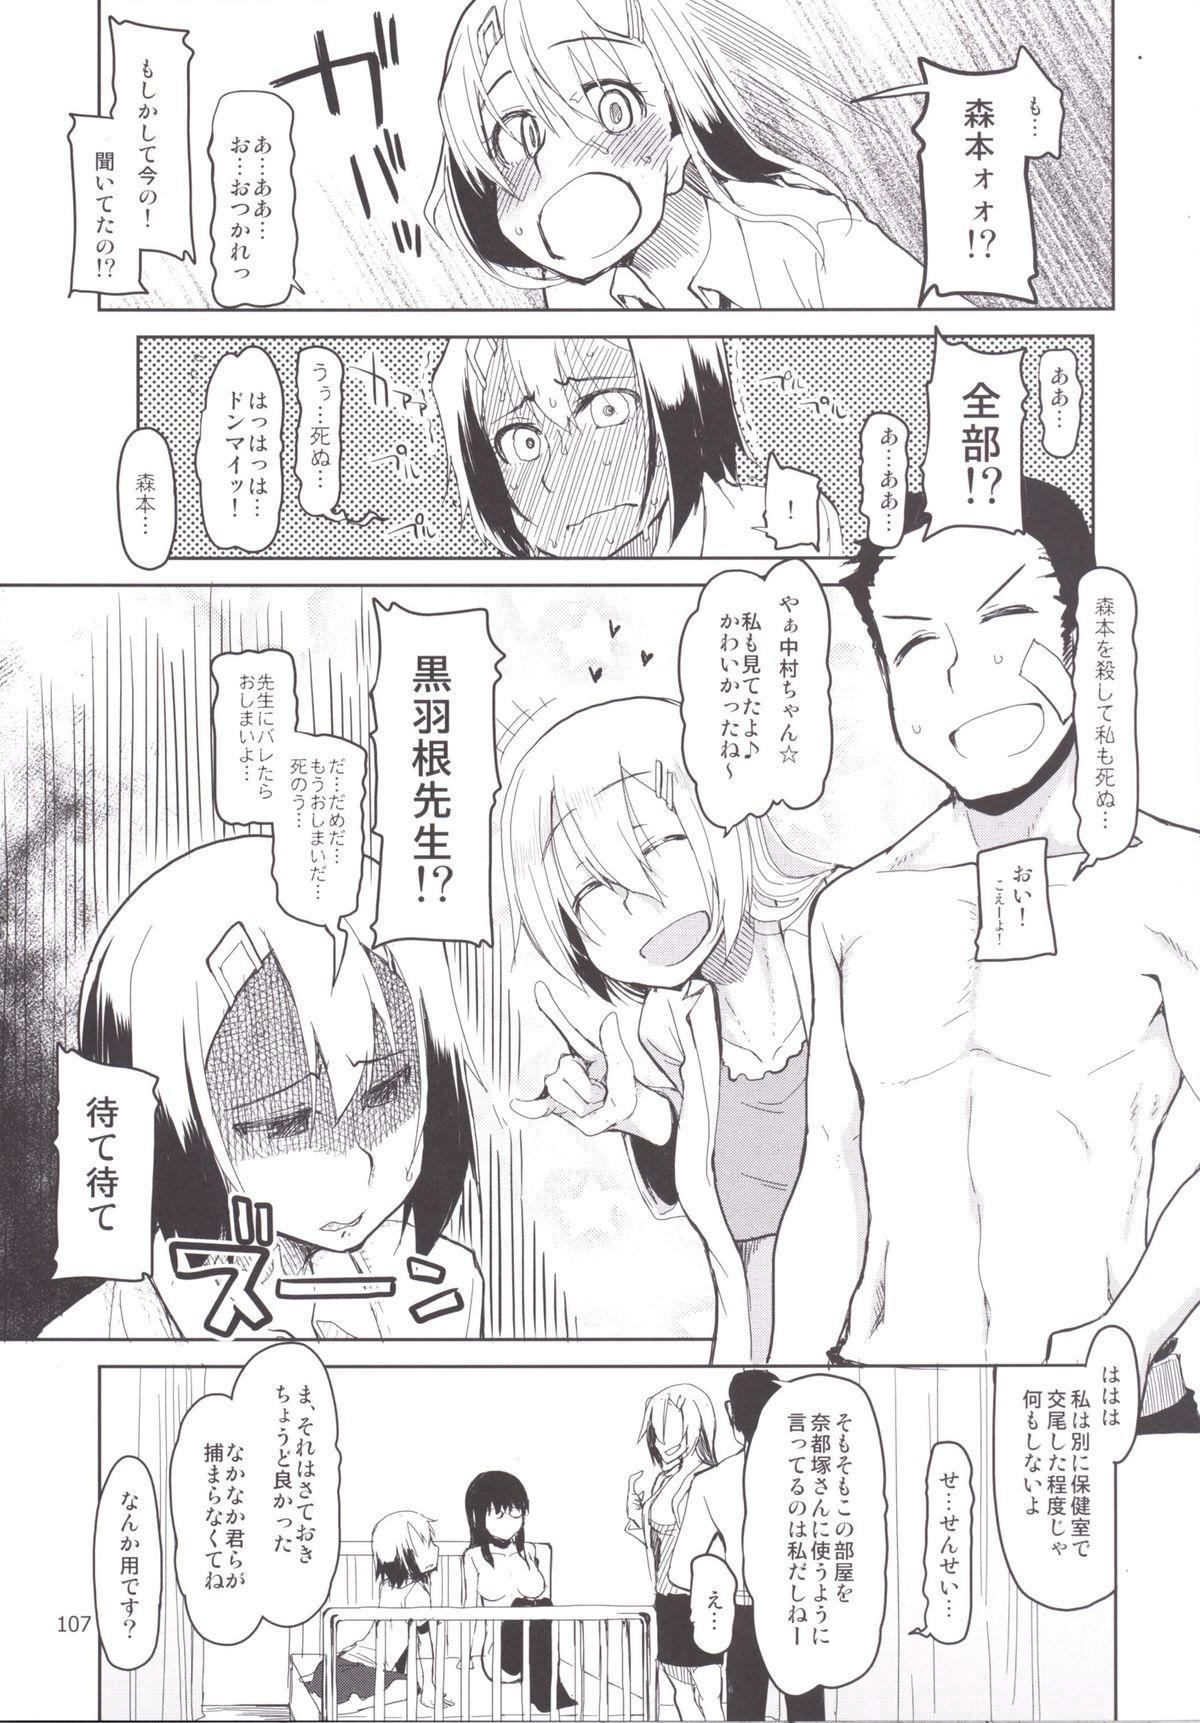 Natsuzuka-san no Himitsu. Soushuuhen Kouhen 10